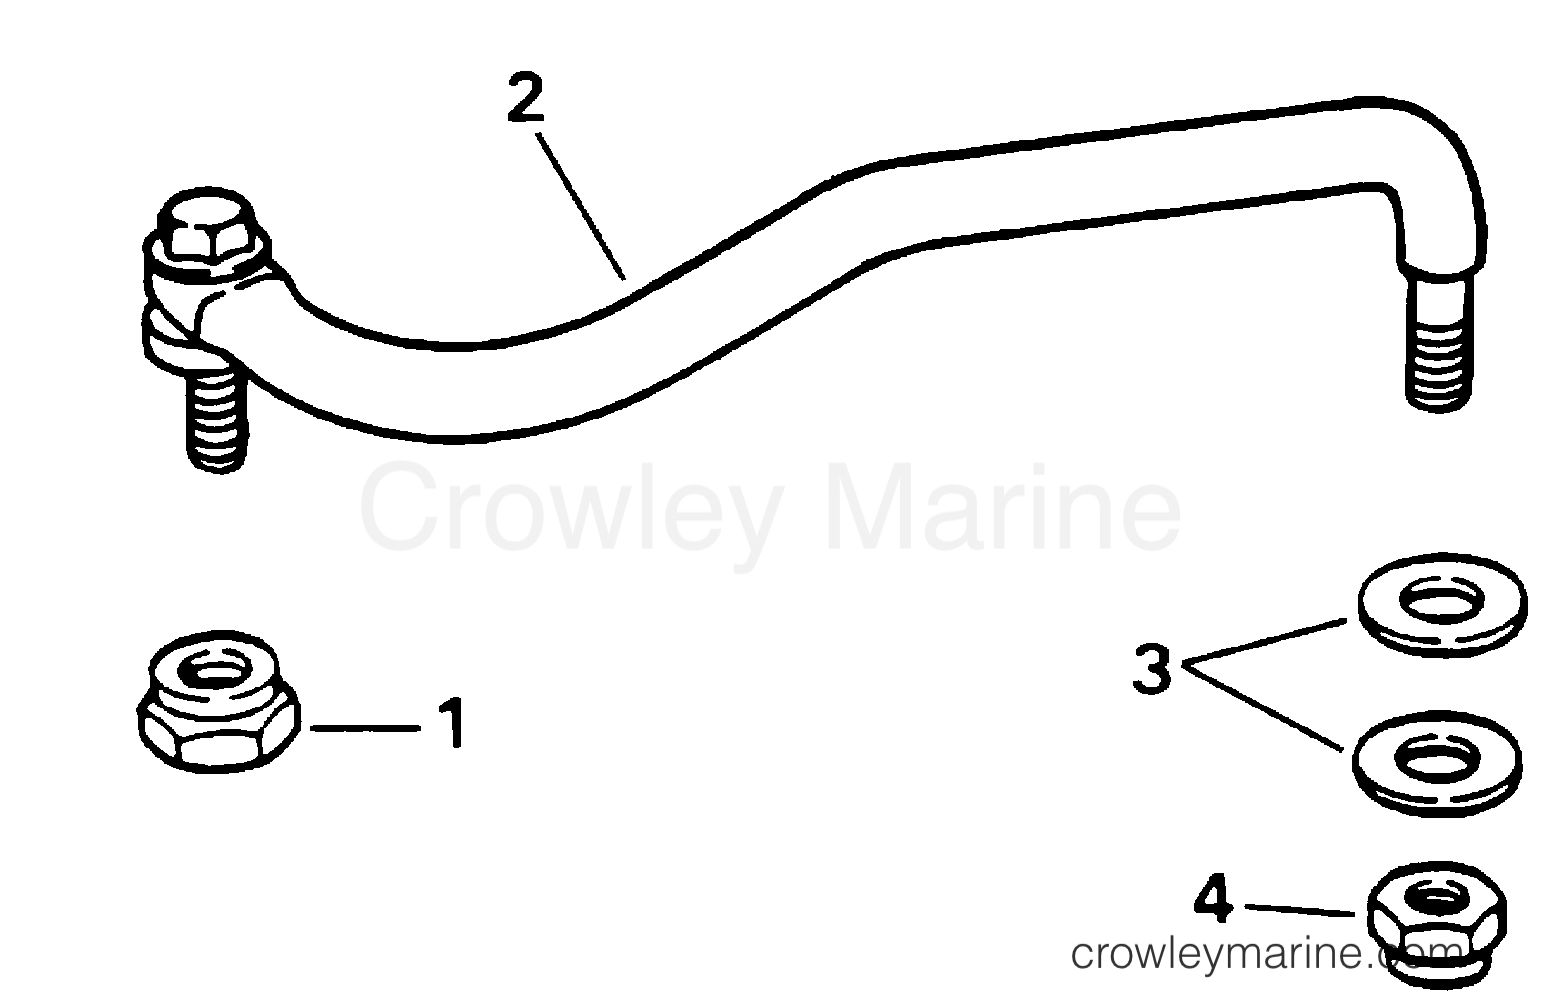 2001 Evinrude Outboards 10 - E10EL4SID STEERING LINK KIT - EL, EVL MODELS ONLY section